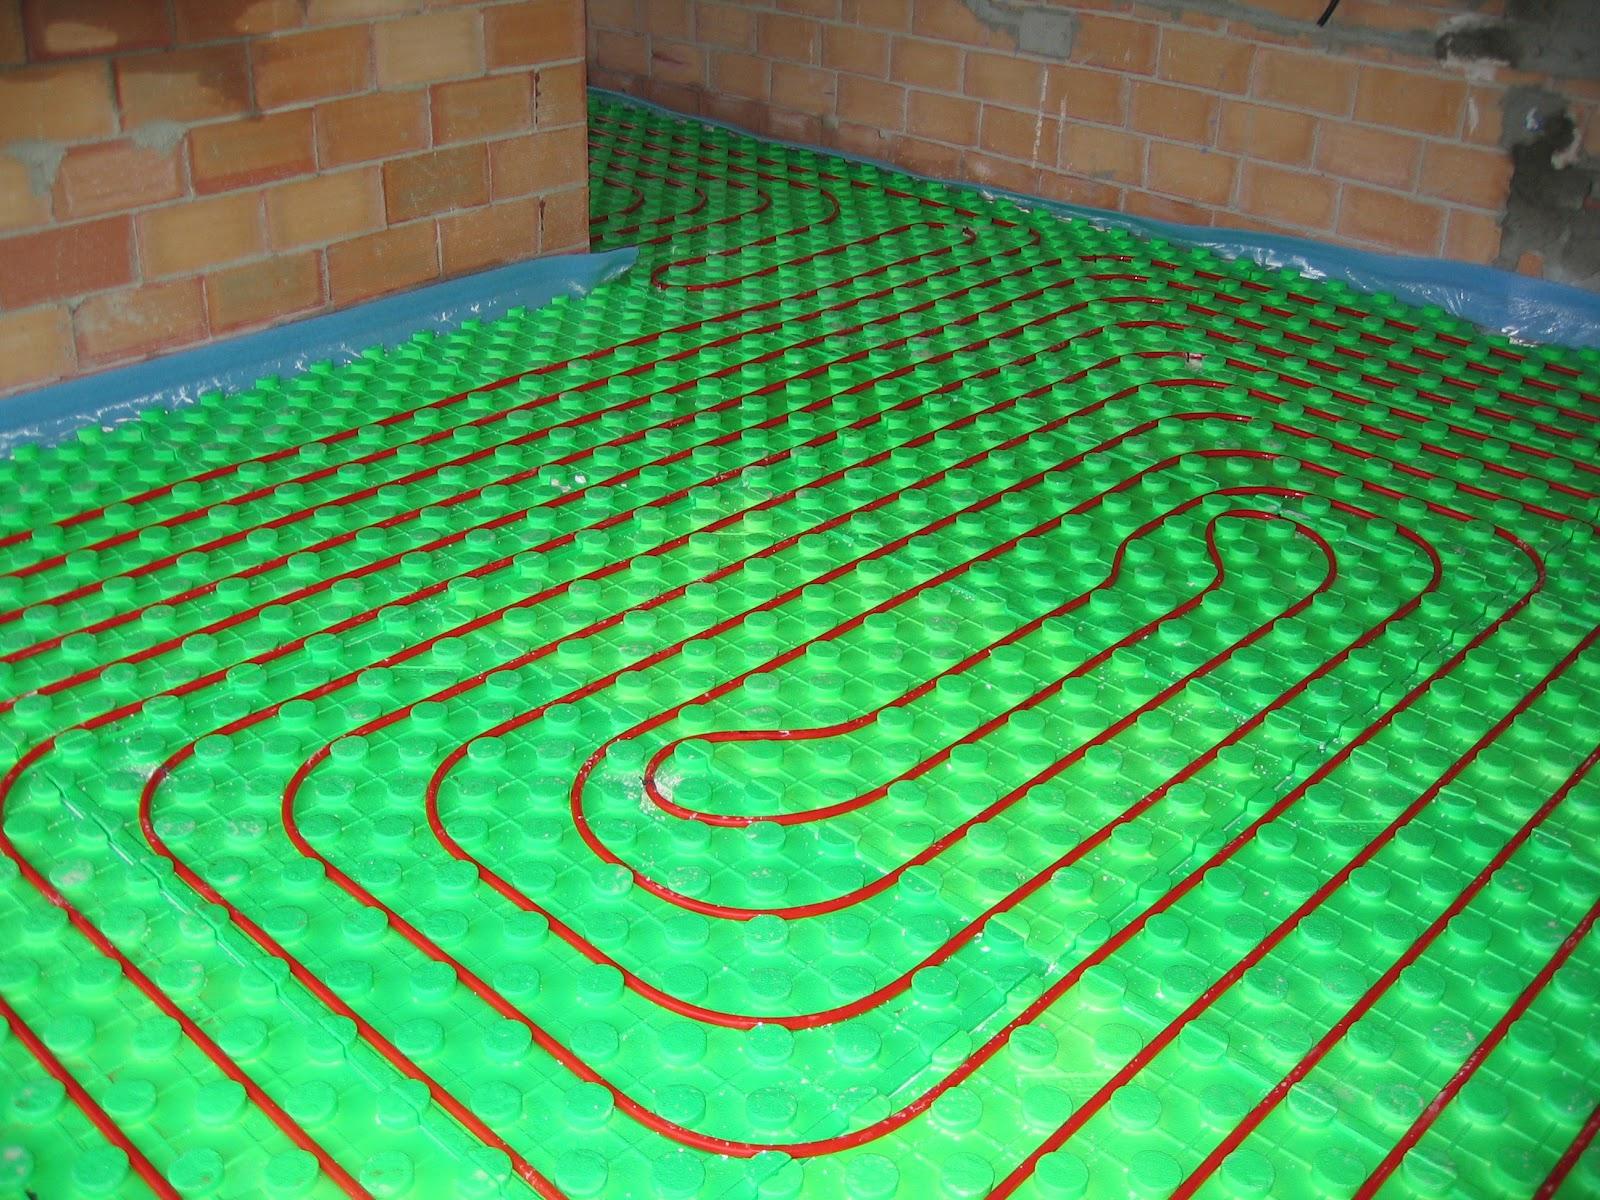 Neytesa el suelo radiante la mejor calefacci n - Placas ceramicas calefaccion ...